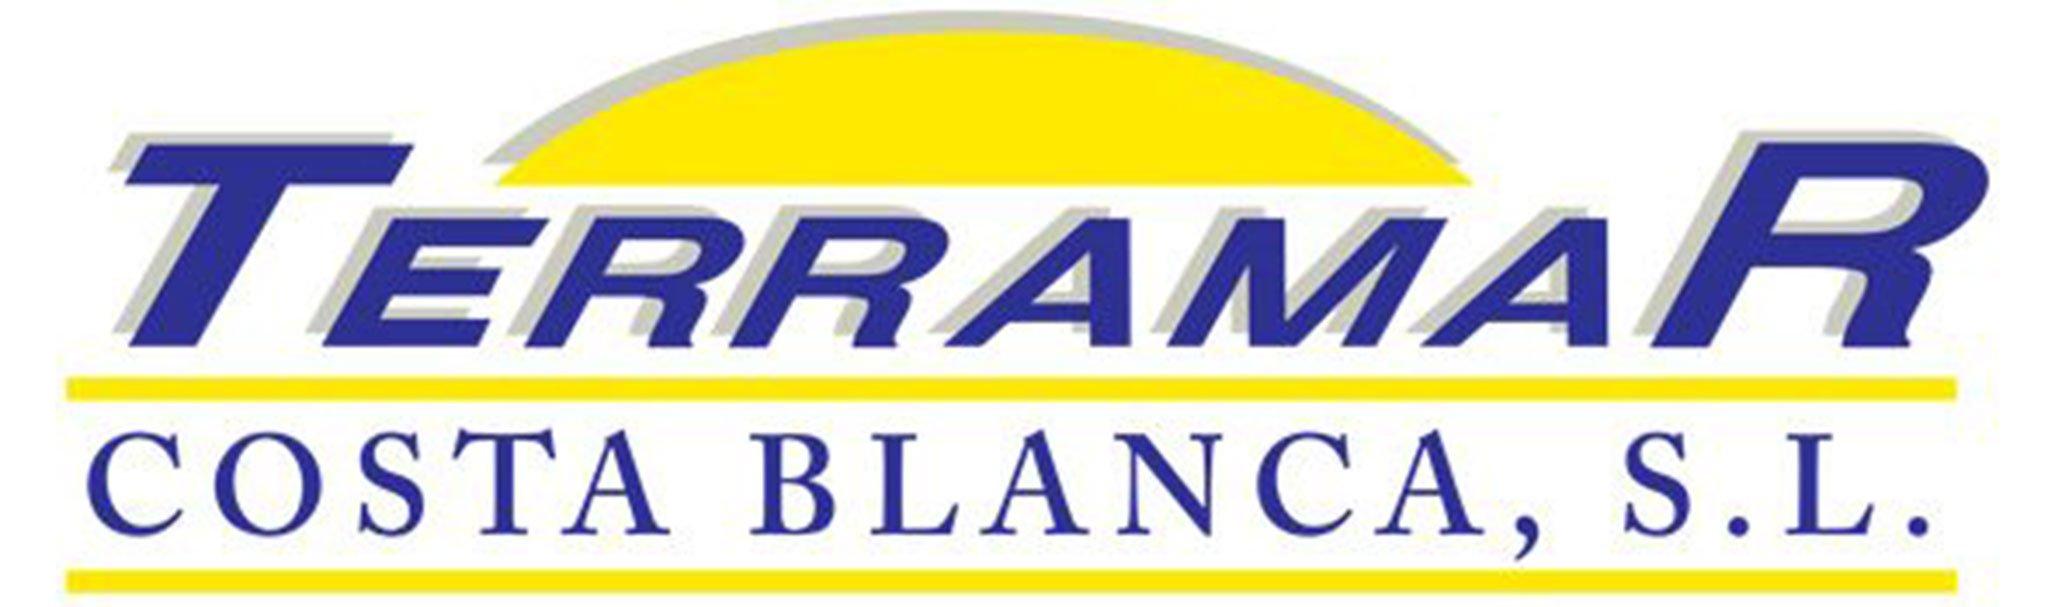 Logotipo Terramar Costa Blanca